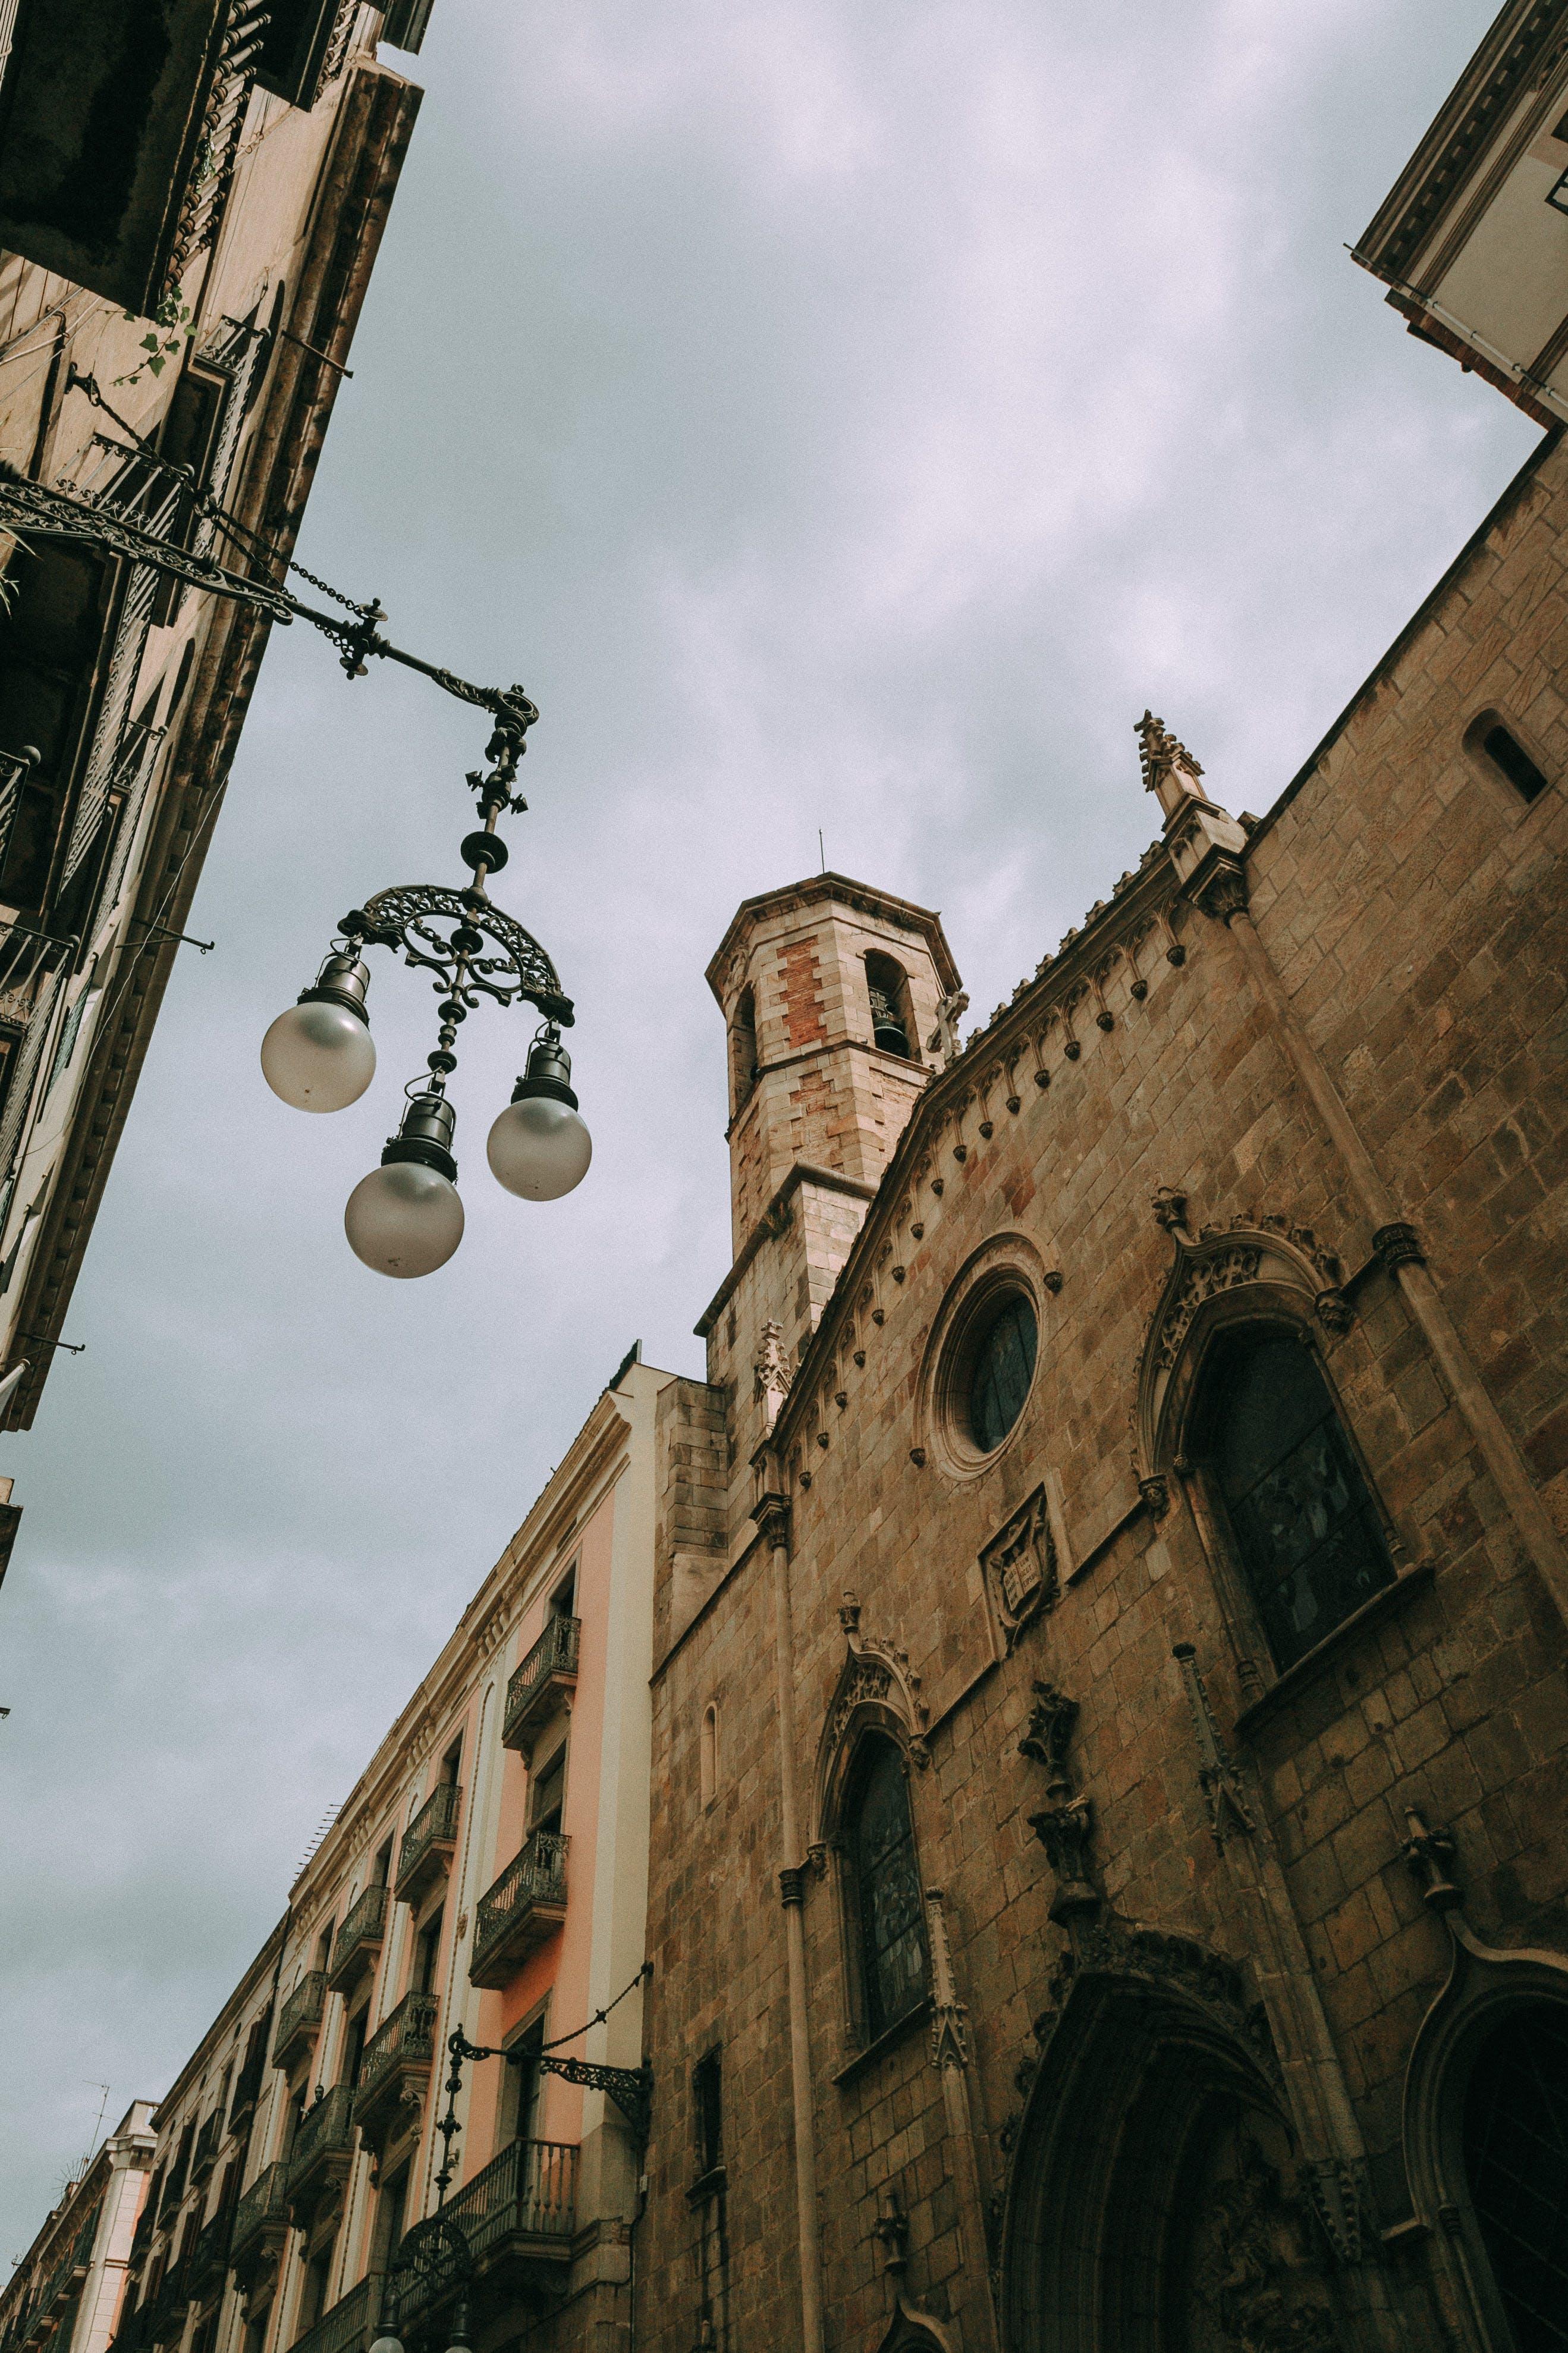 antiguo, arquitectura, calle